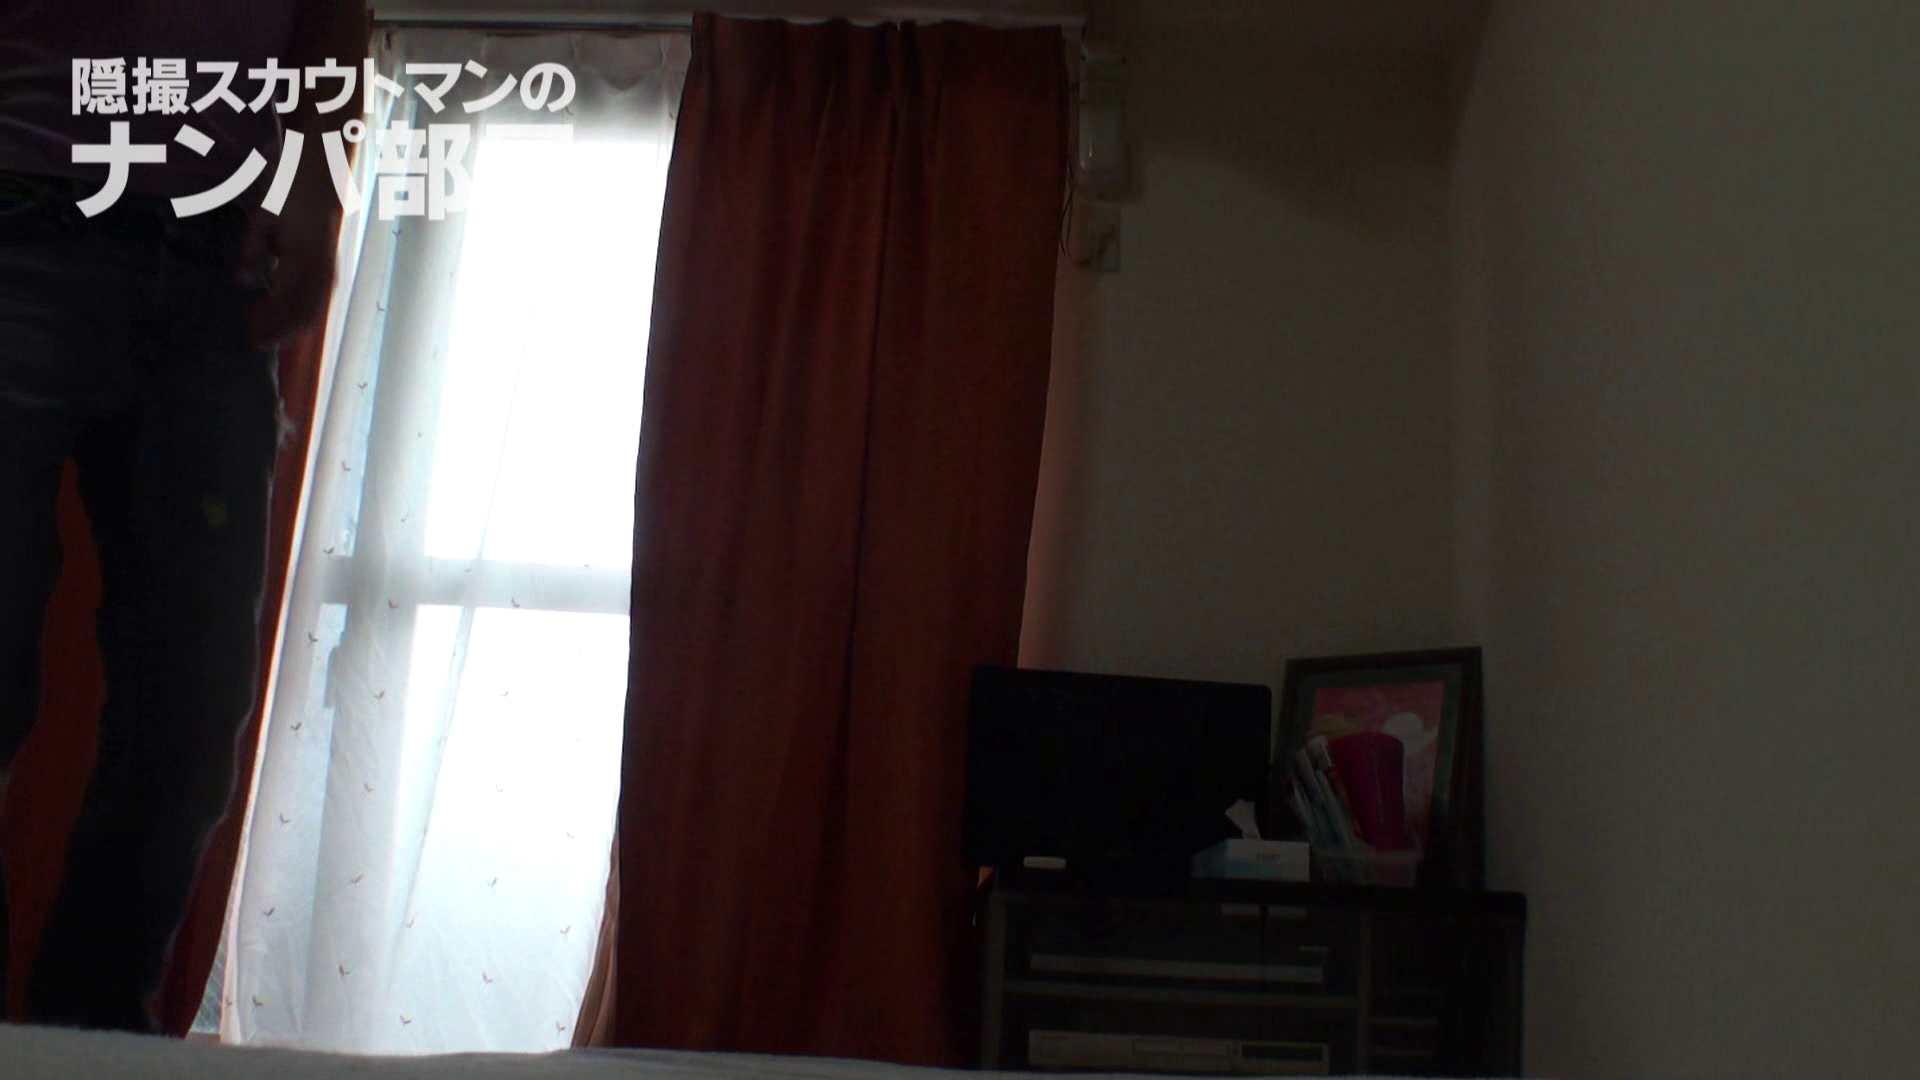 隠撮スカウトマンのナンパ部屋~風俗デビュー前のつまみ食い~ siivol.3 隠撮 | SEXプレイ  105連発 17